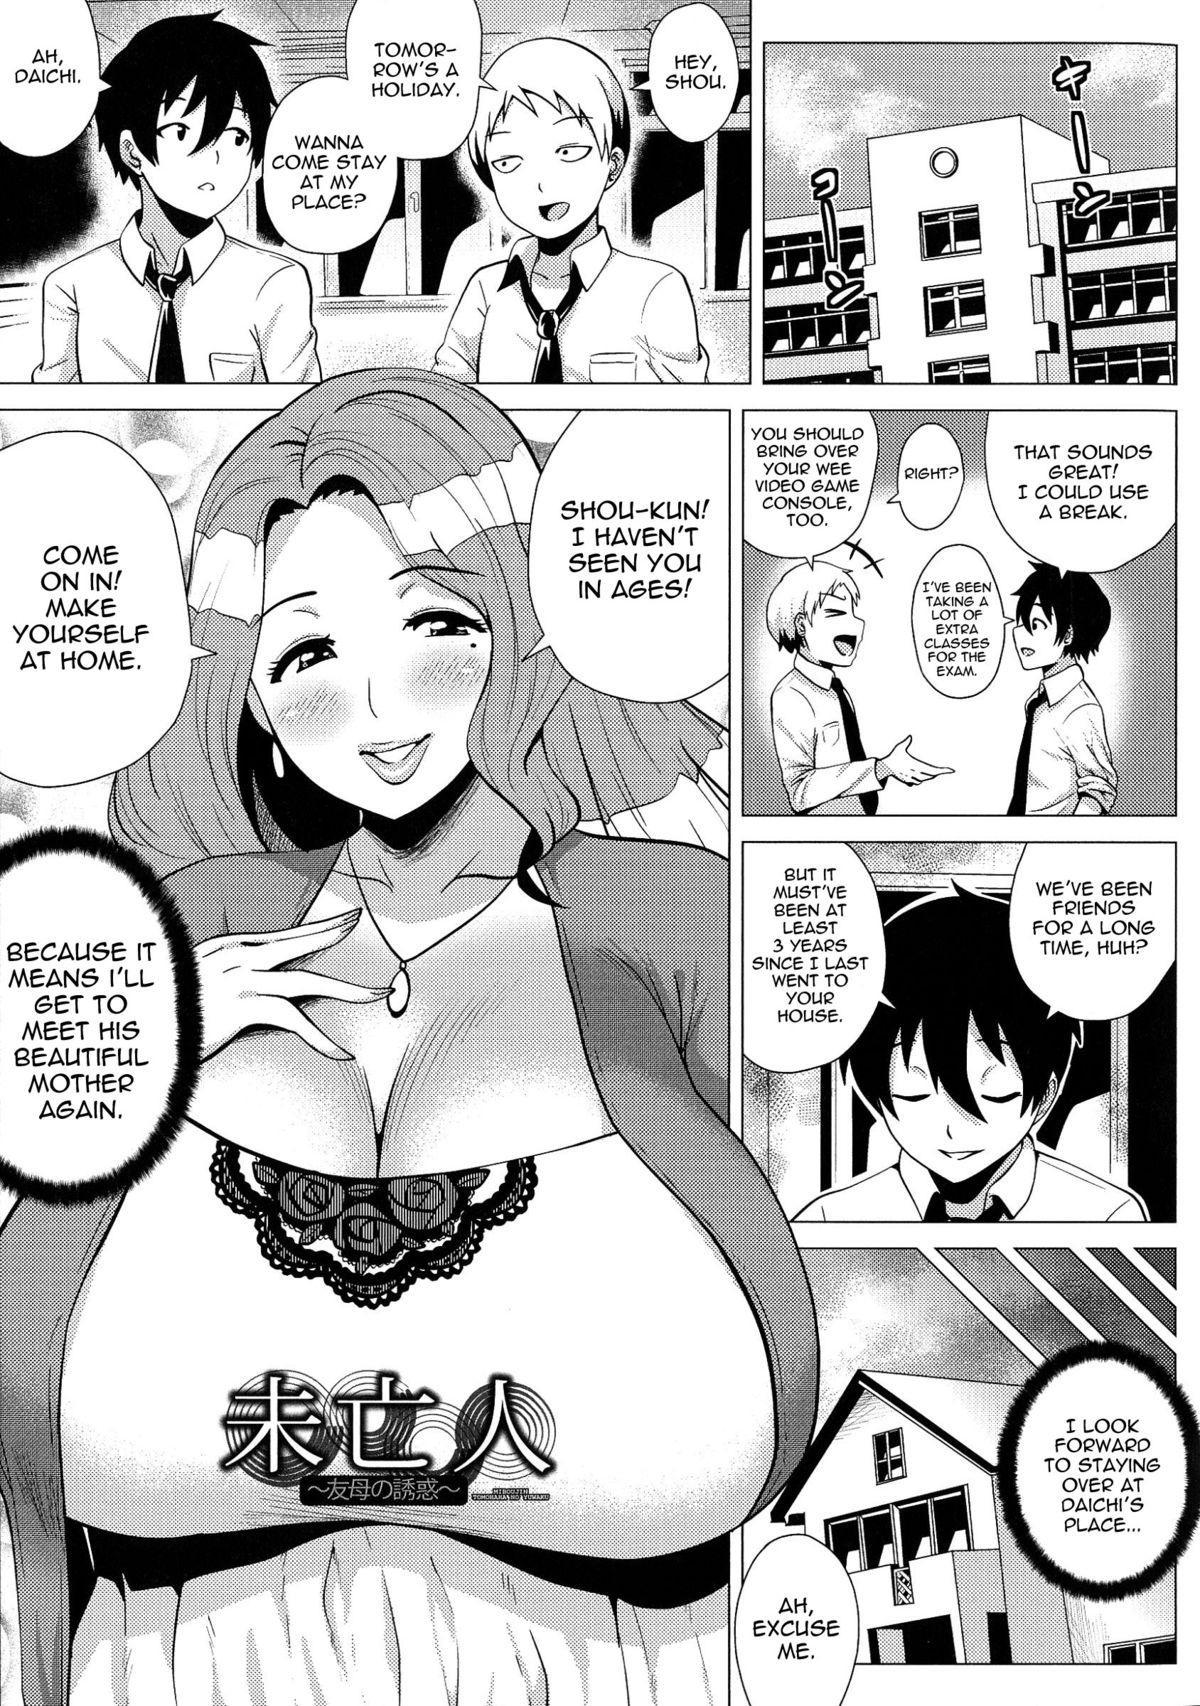 [Yokkora] Megabody Night ~Watashi no Oniku wo Meshiagare~ | Megabody Night ~My voluptuous body & mom love~ [English] {Laruffi + desudesu + EHCOVE} 67